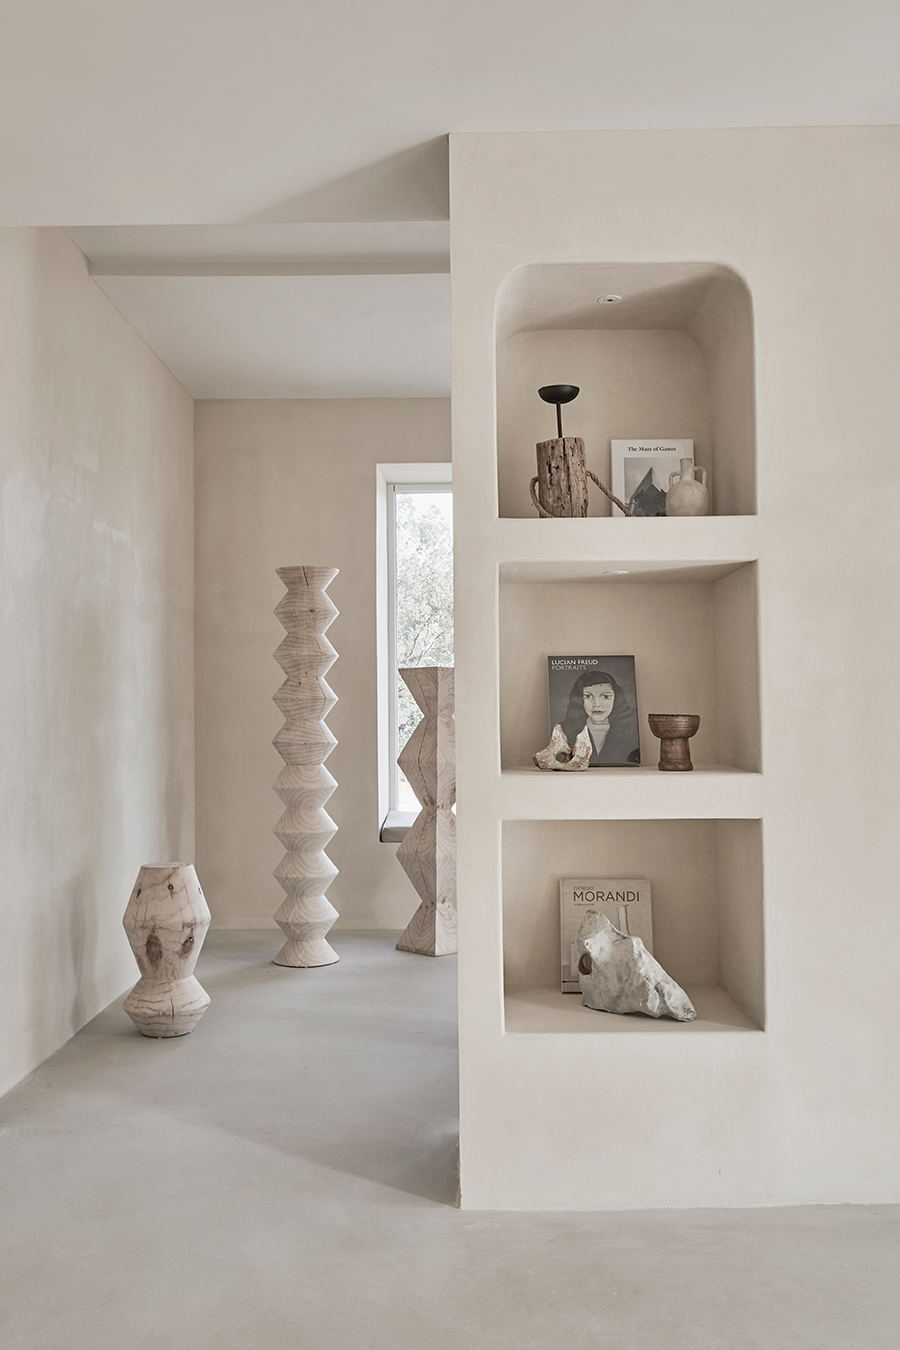 摄影空间二层拱形壁龛和艺术装置设计